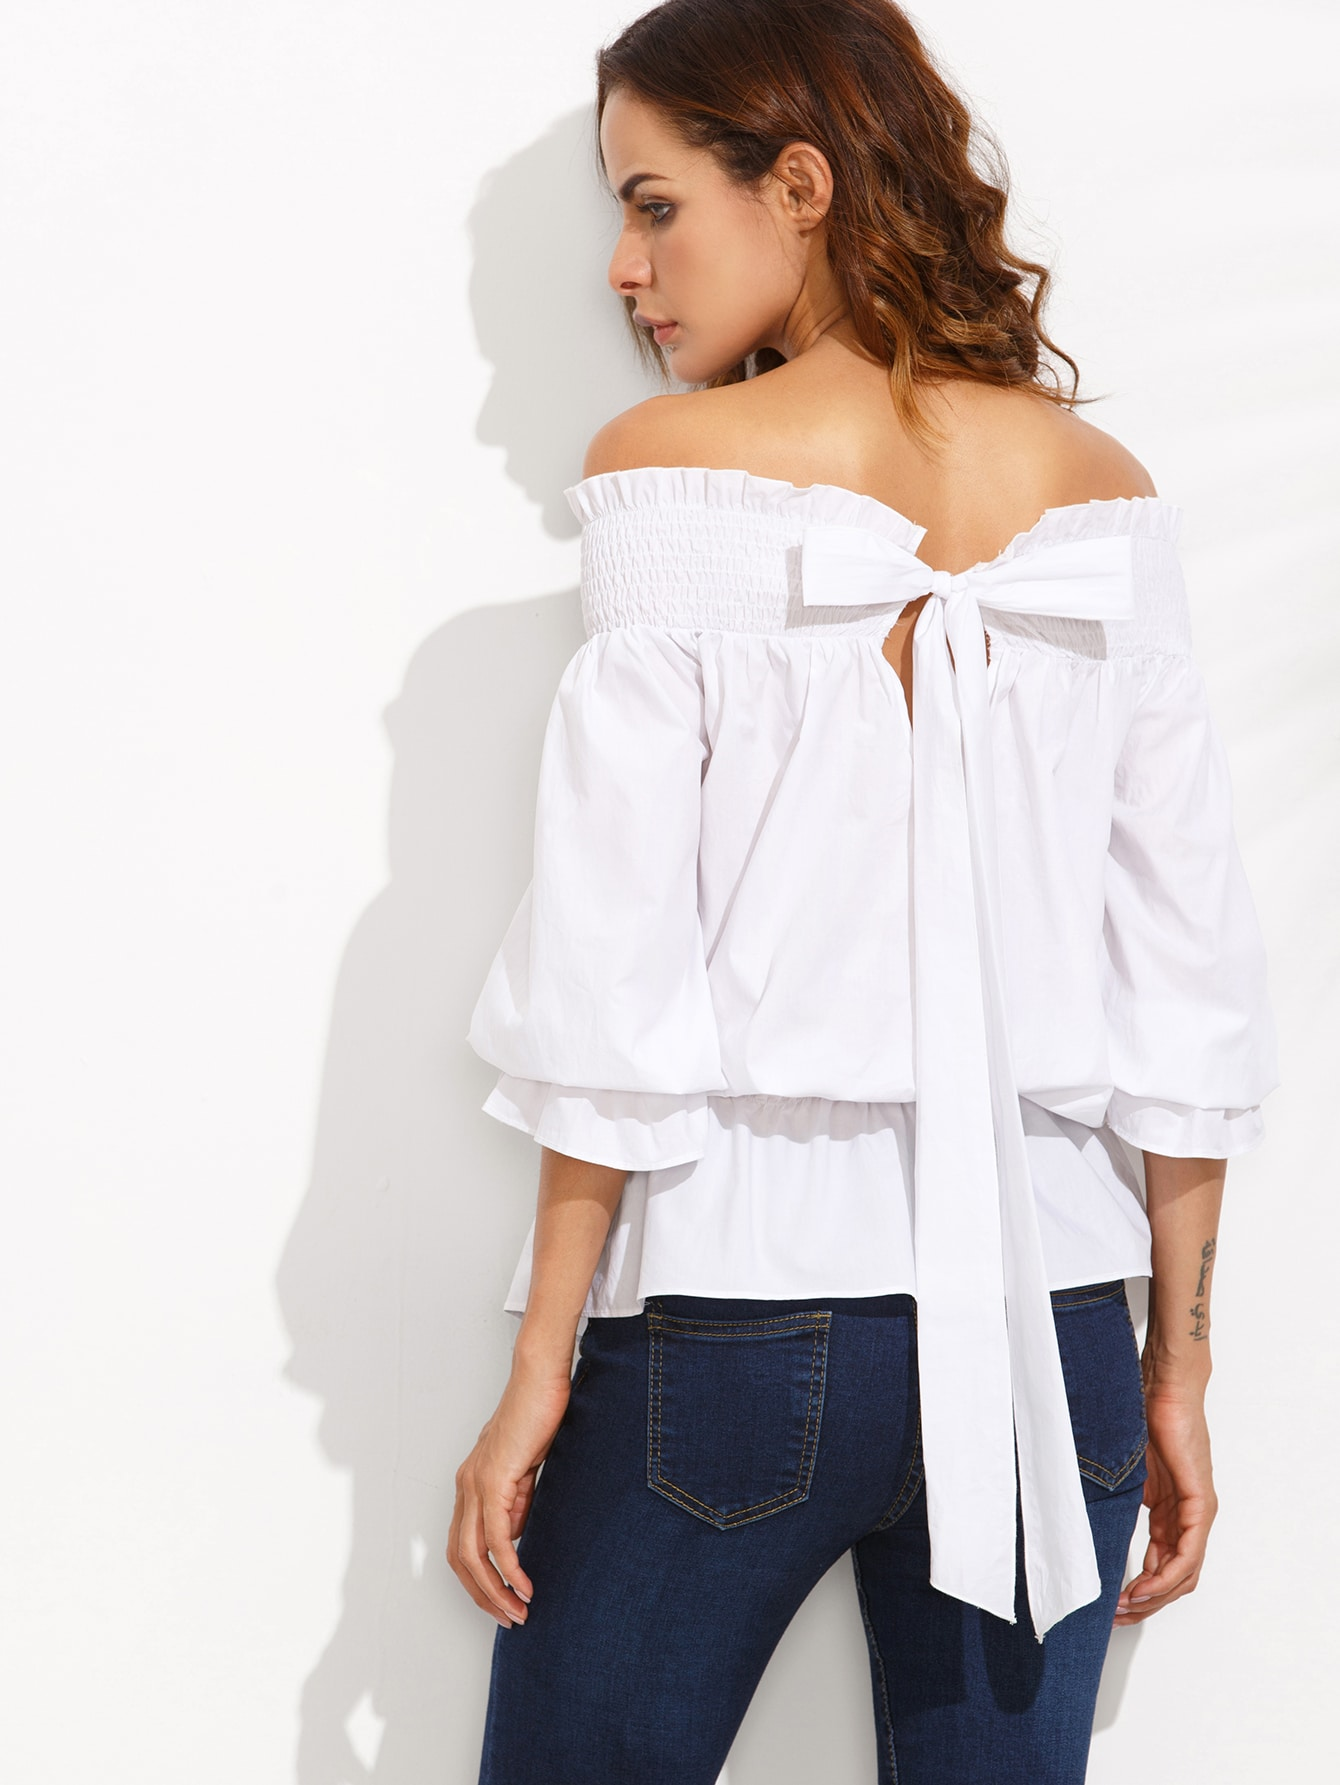 Модные Блузки 2016 Купить В Красноярске